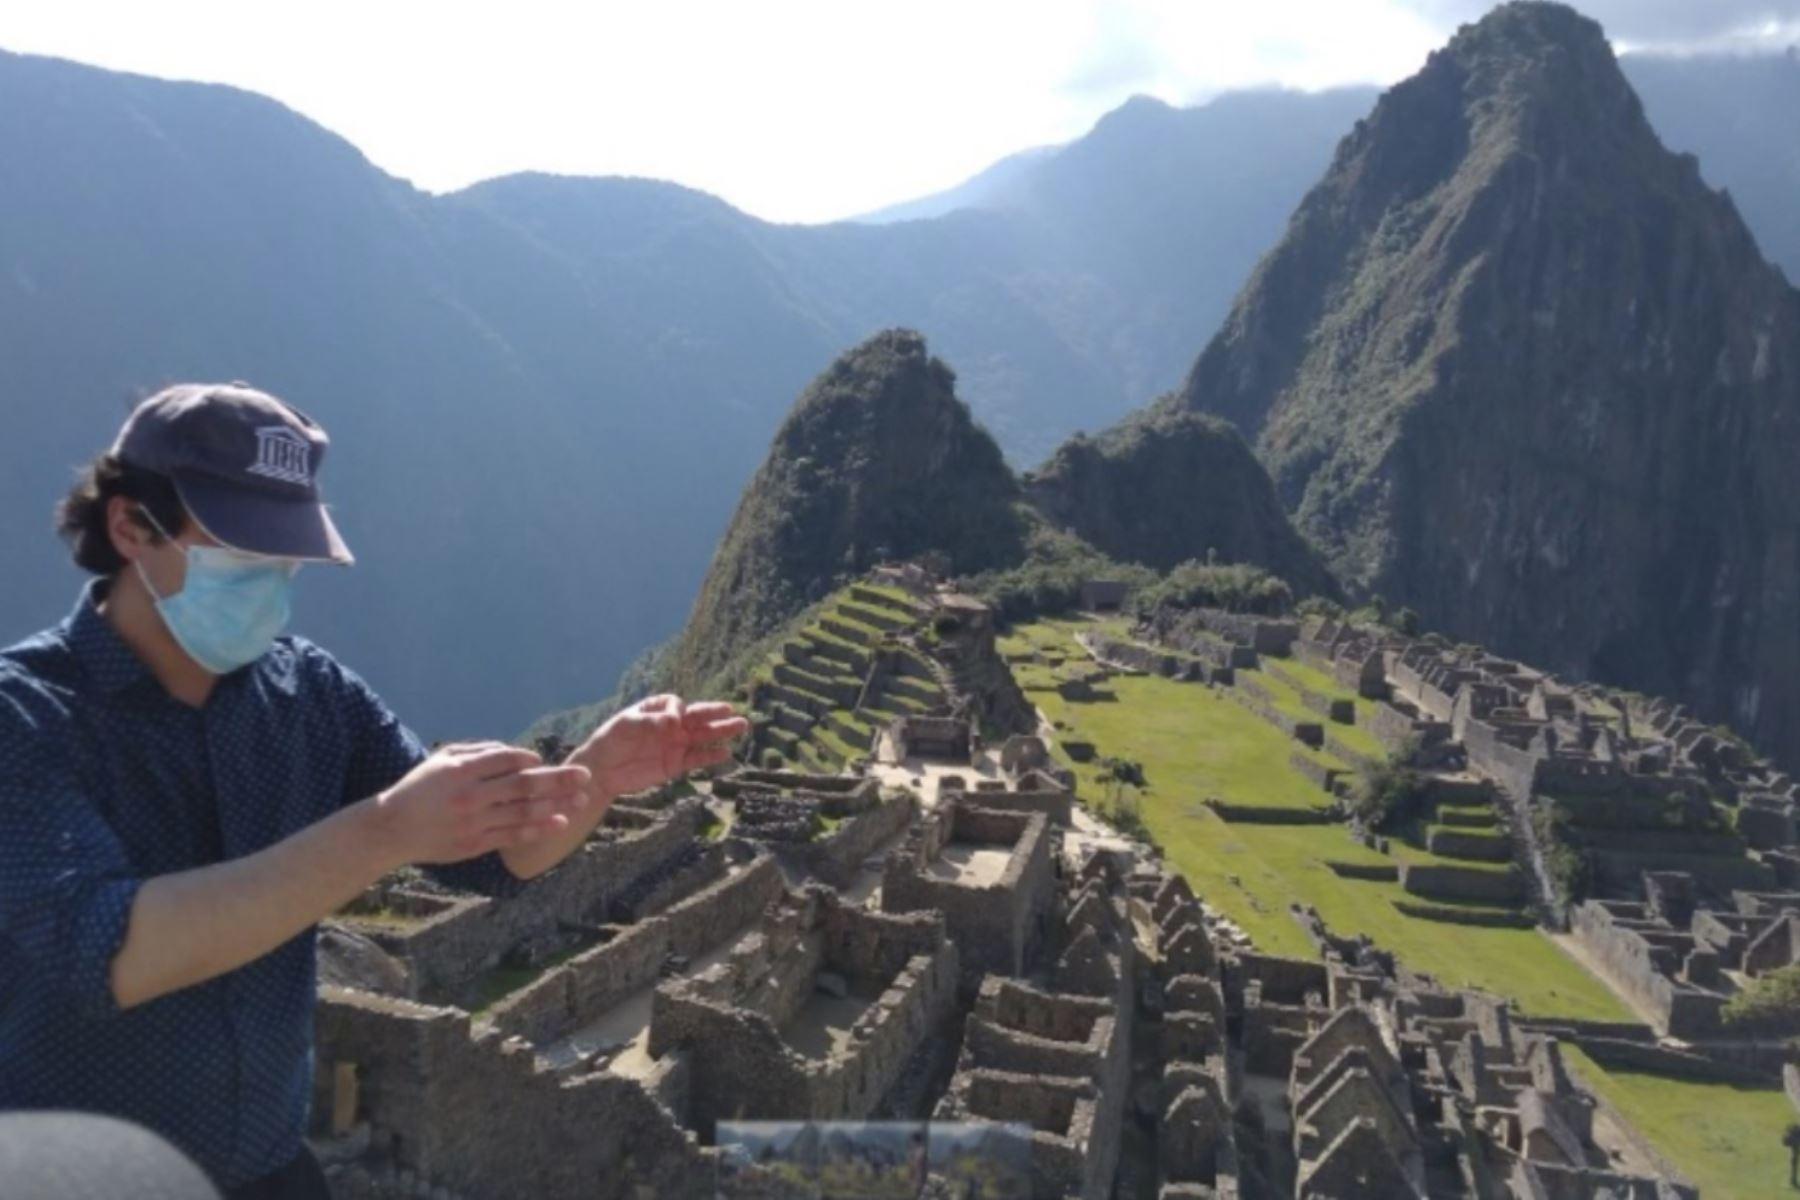 Cusco adelanta para este sábado 17 de octubre reapertura de Machu Picchu al turismo. En esta etapa recibirá solo a visitantes cusqueños y a partir de noviembre a turistas nacionales y extranjeros. ANDINA/Difusión